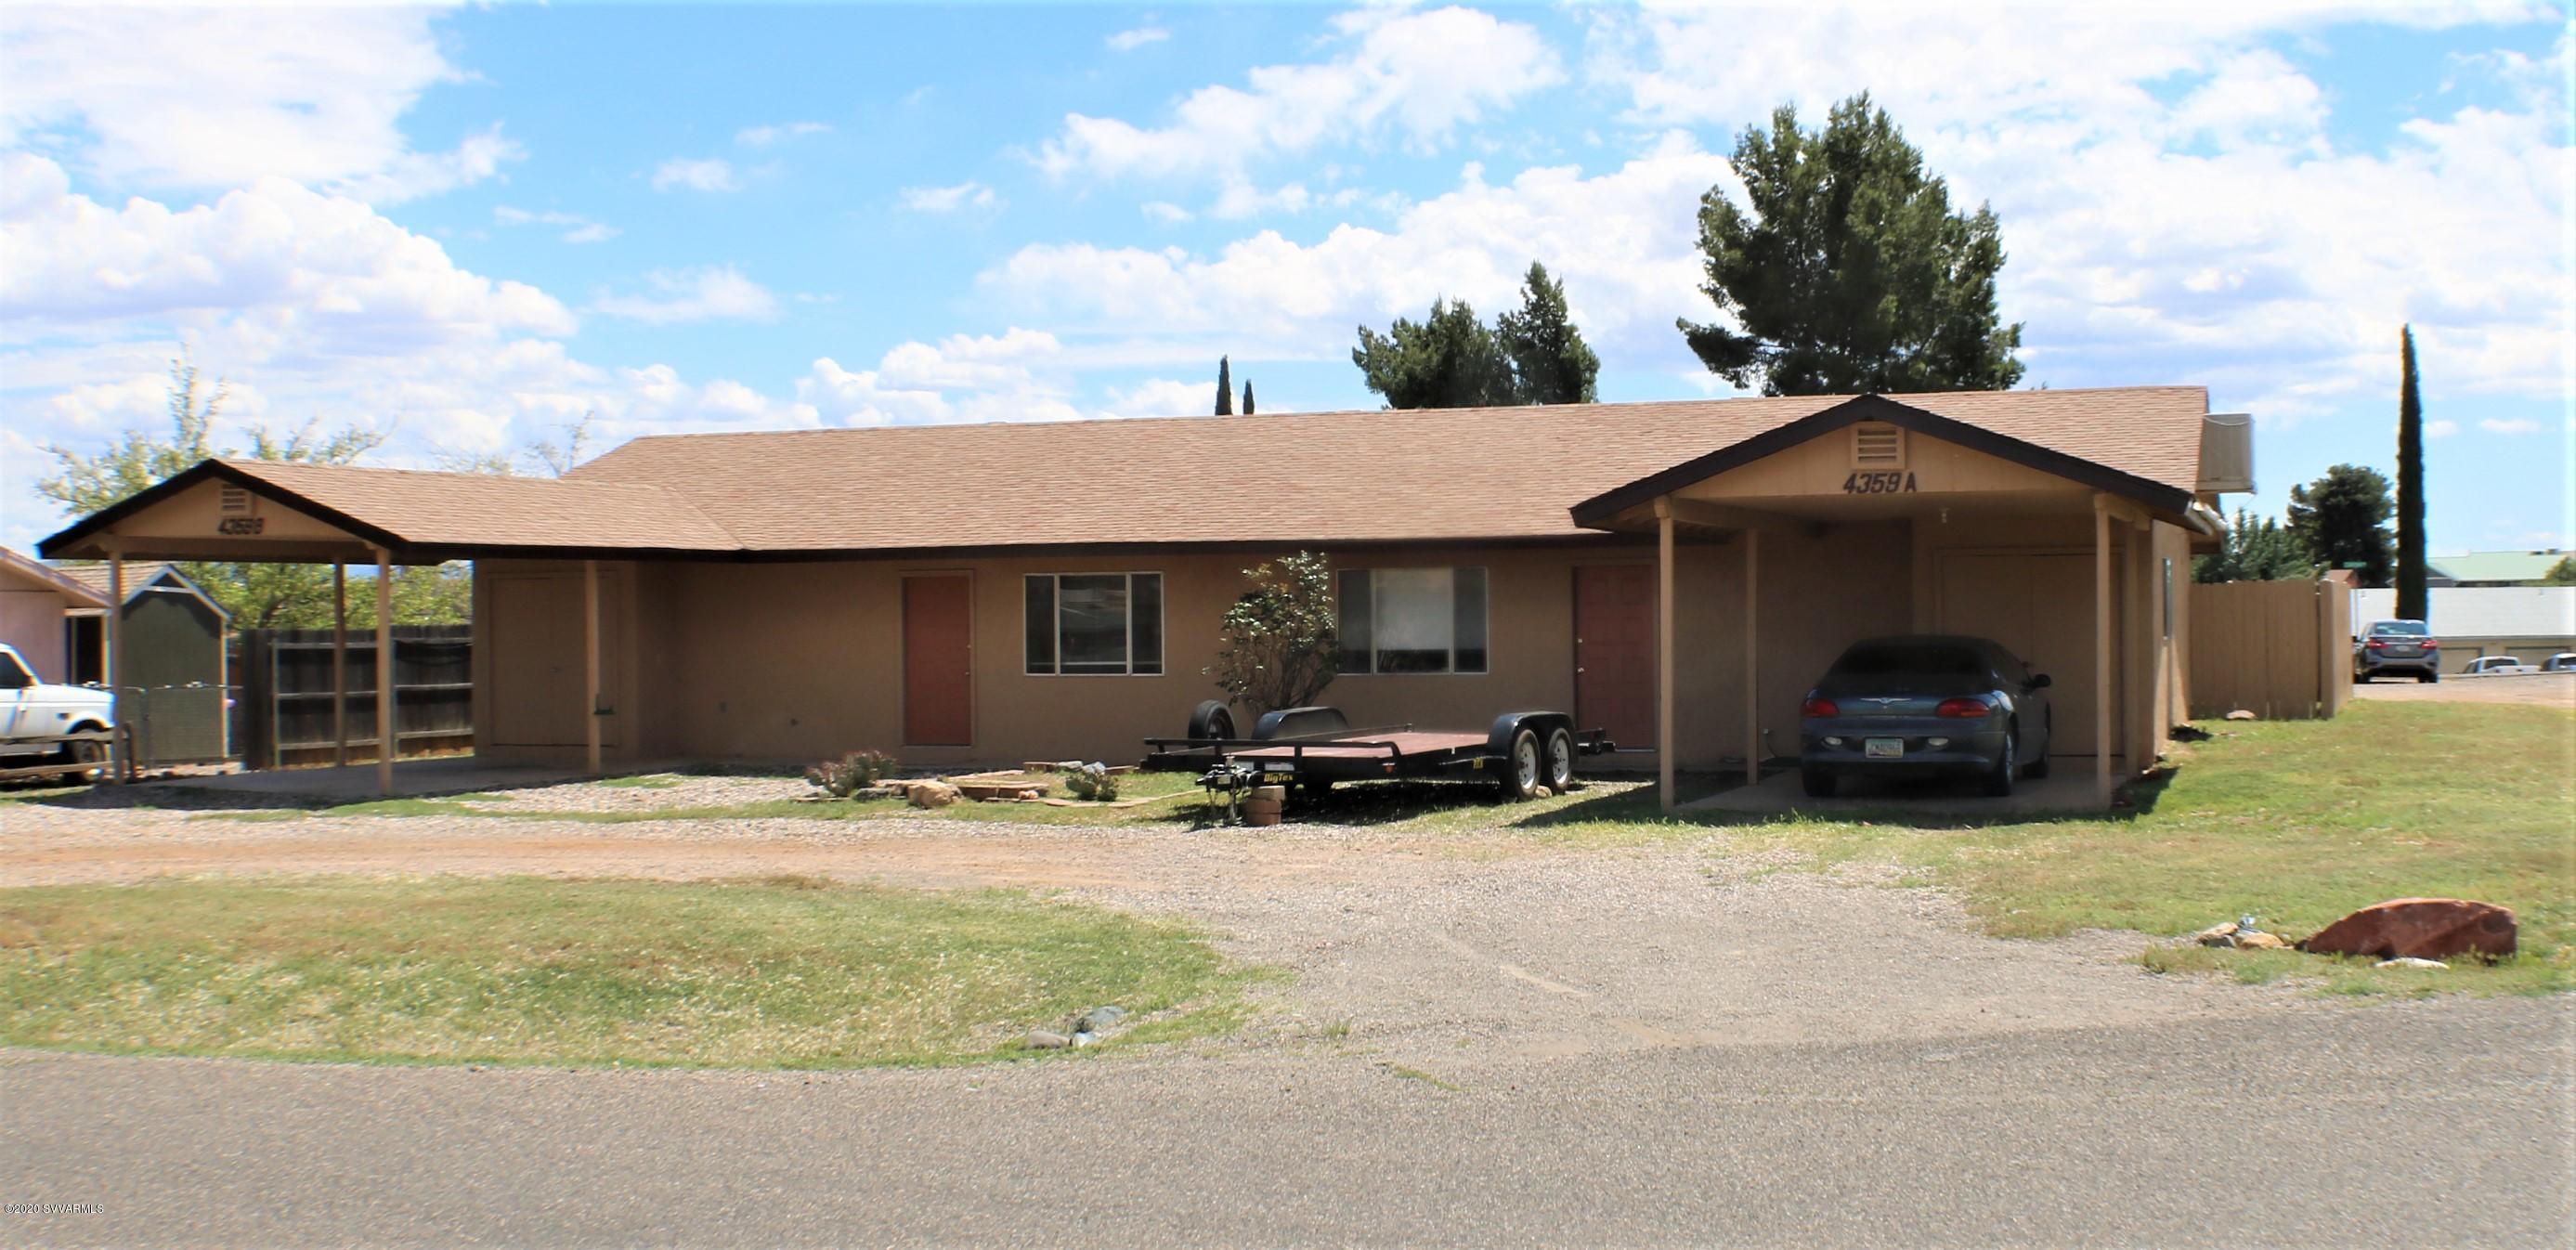 4359 Butte Drive Cottonwood, AZ 86326